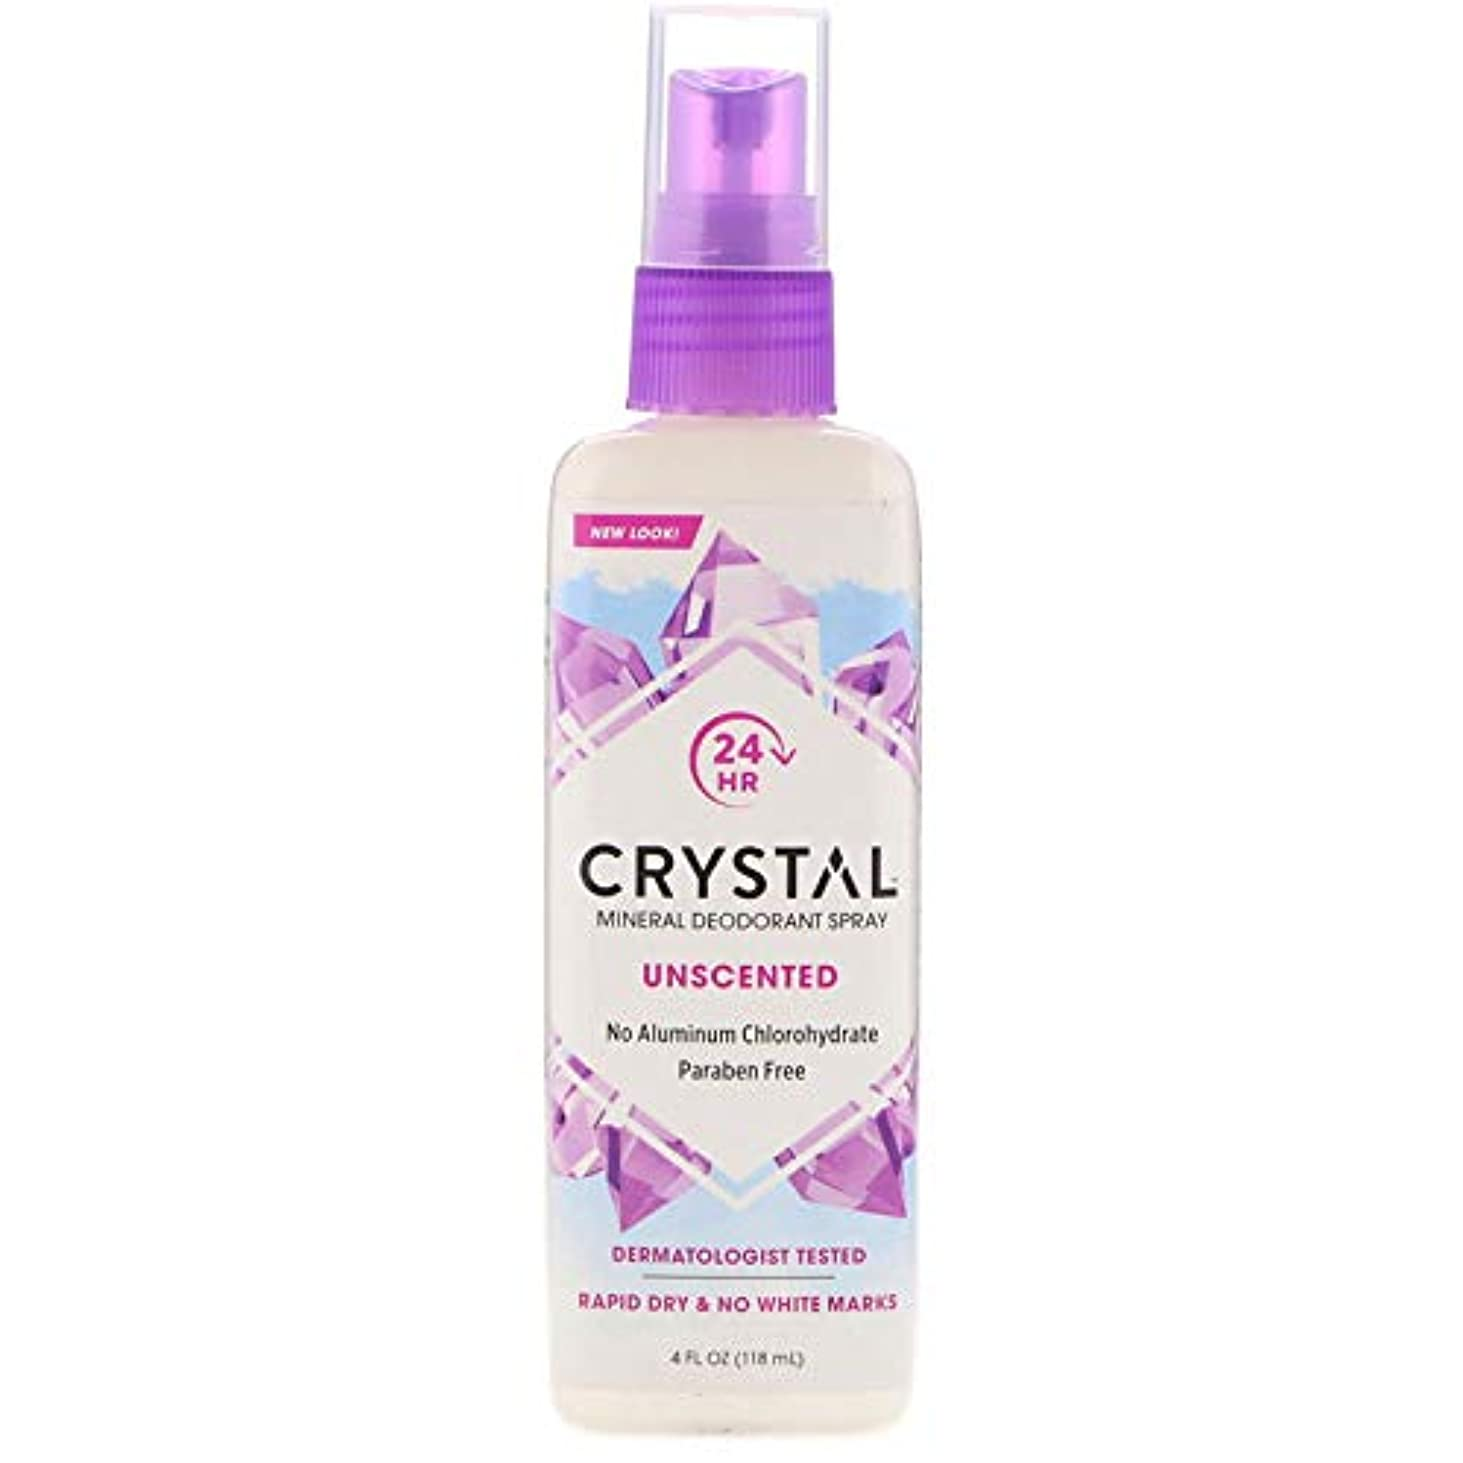 堂々たる楽しむシロナガスクジラクリスタル(Crystal) ミネラルデオドラントスプレー(無香料) 118ml [並行輸入品]